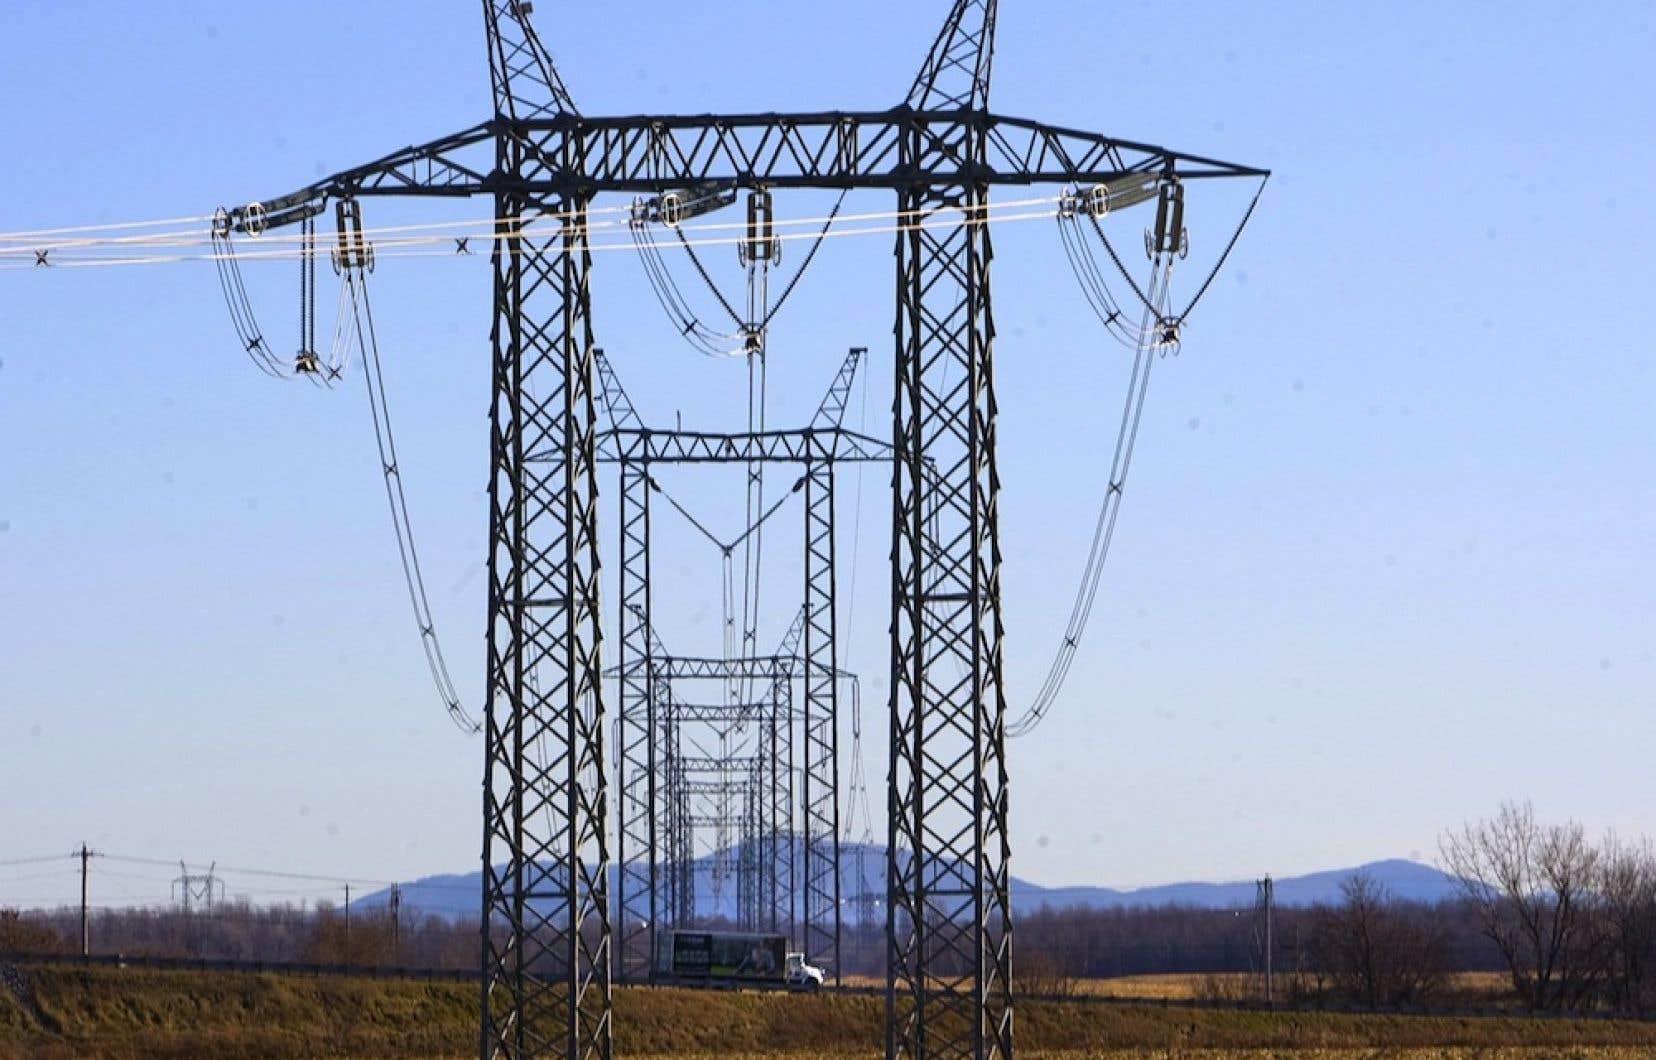 Selon le RQIC, la liste des achats de biens exclus dans l'offre sur Hydro-Québec suggère que les Européens pourraient notamment participer aux appels d'offres portant sur la construction de nouveaux réseaux de distribution.